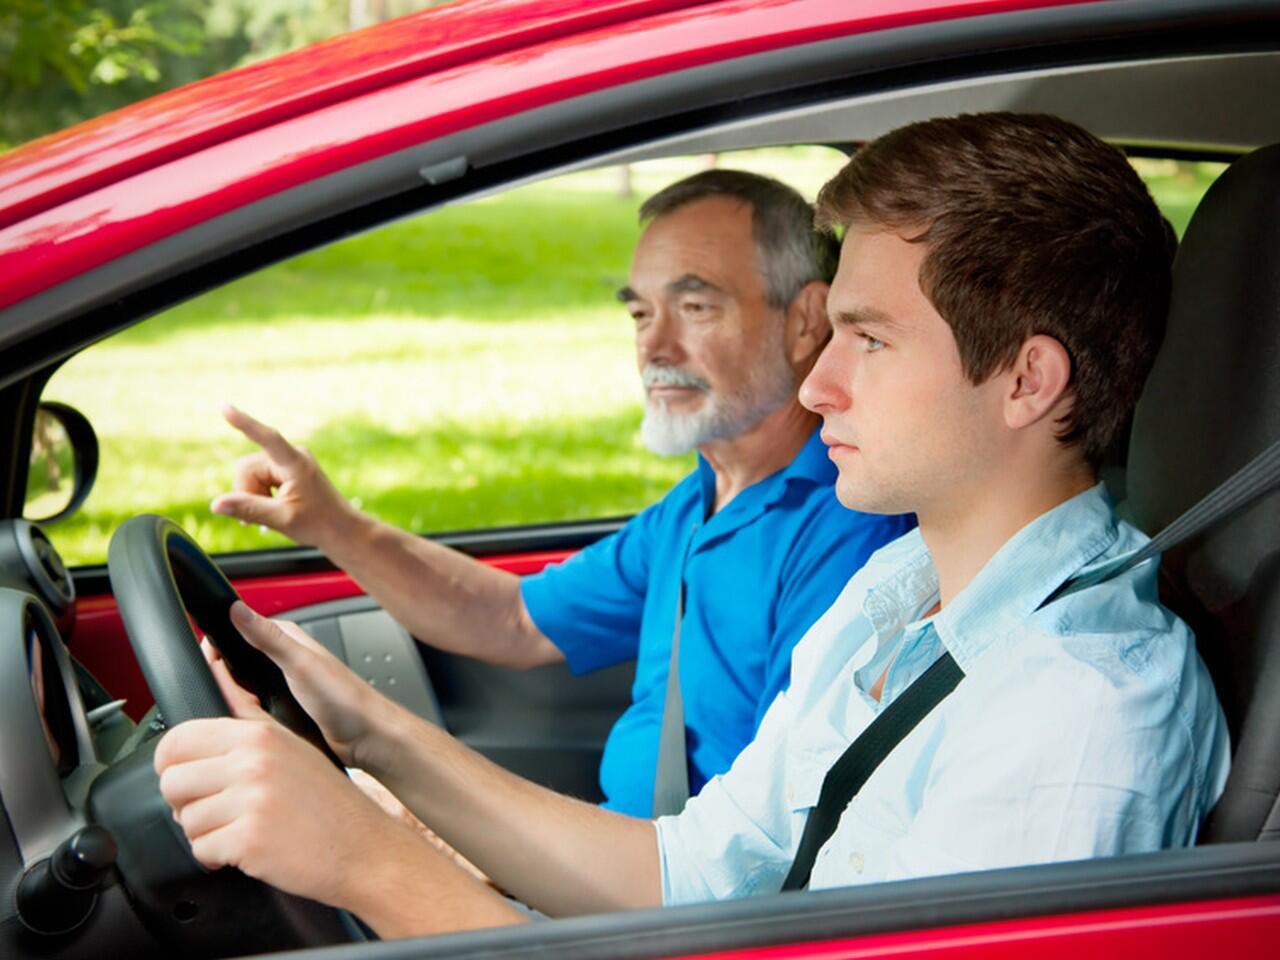 Bild zu Begleitetes Fahren: Sonderregelung zur Zulassung im Straßenverkehr